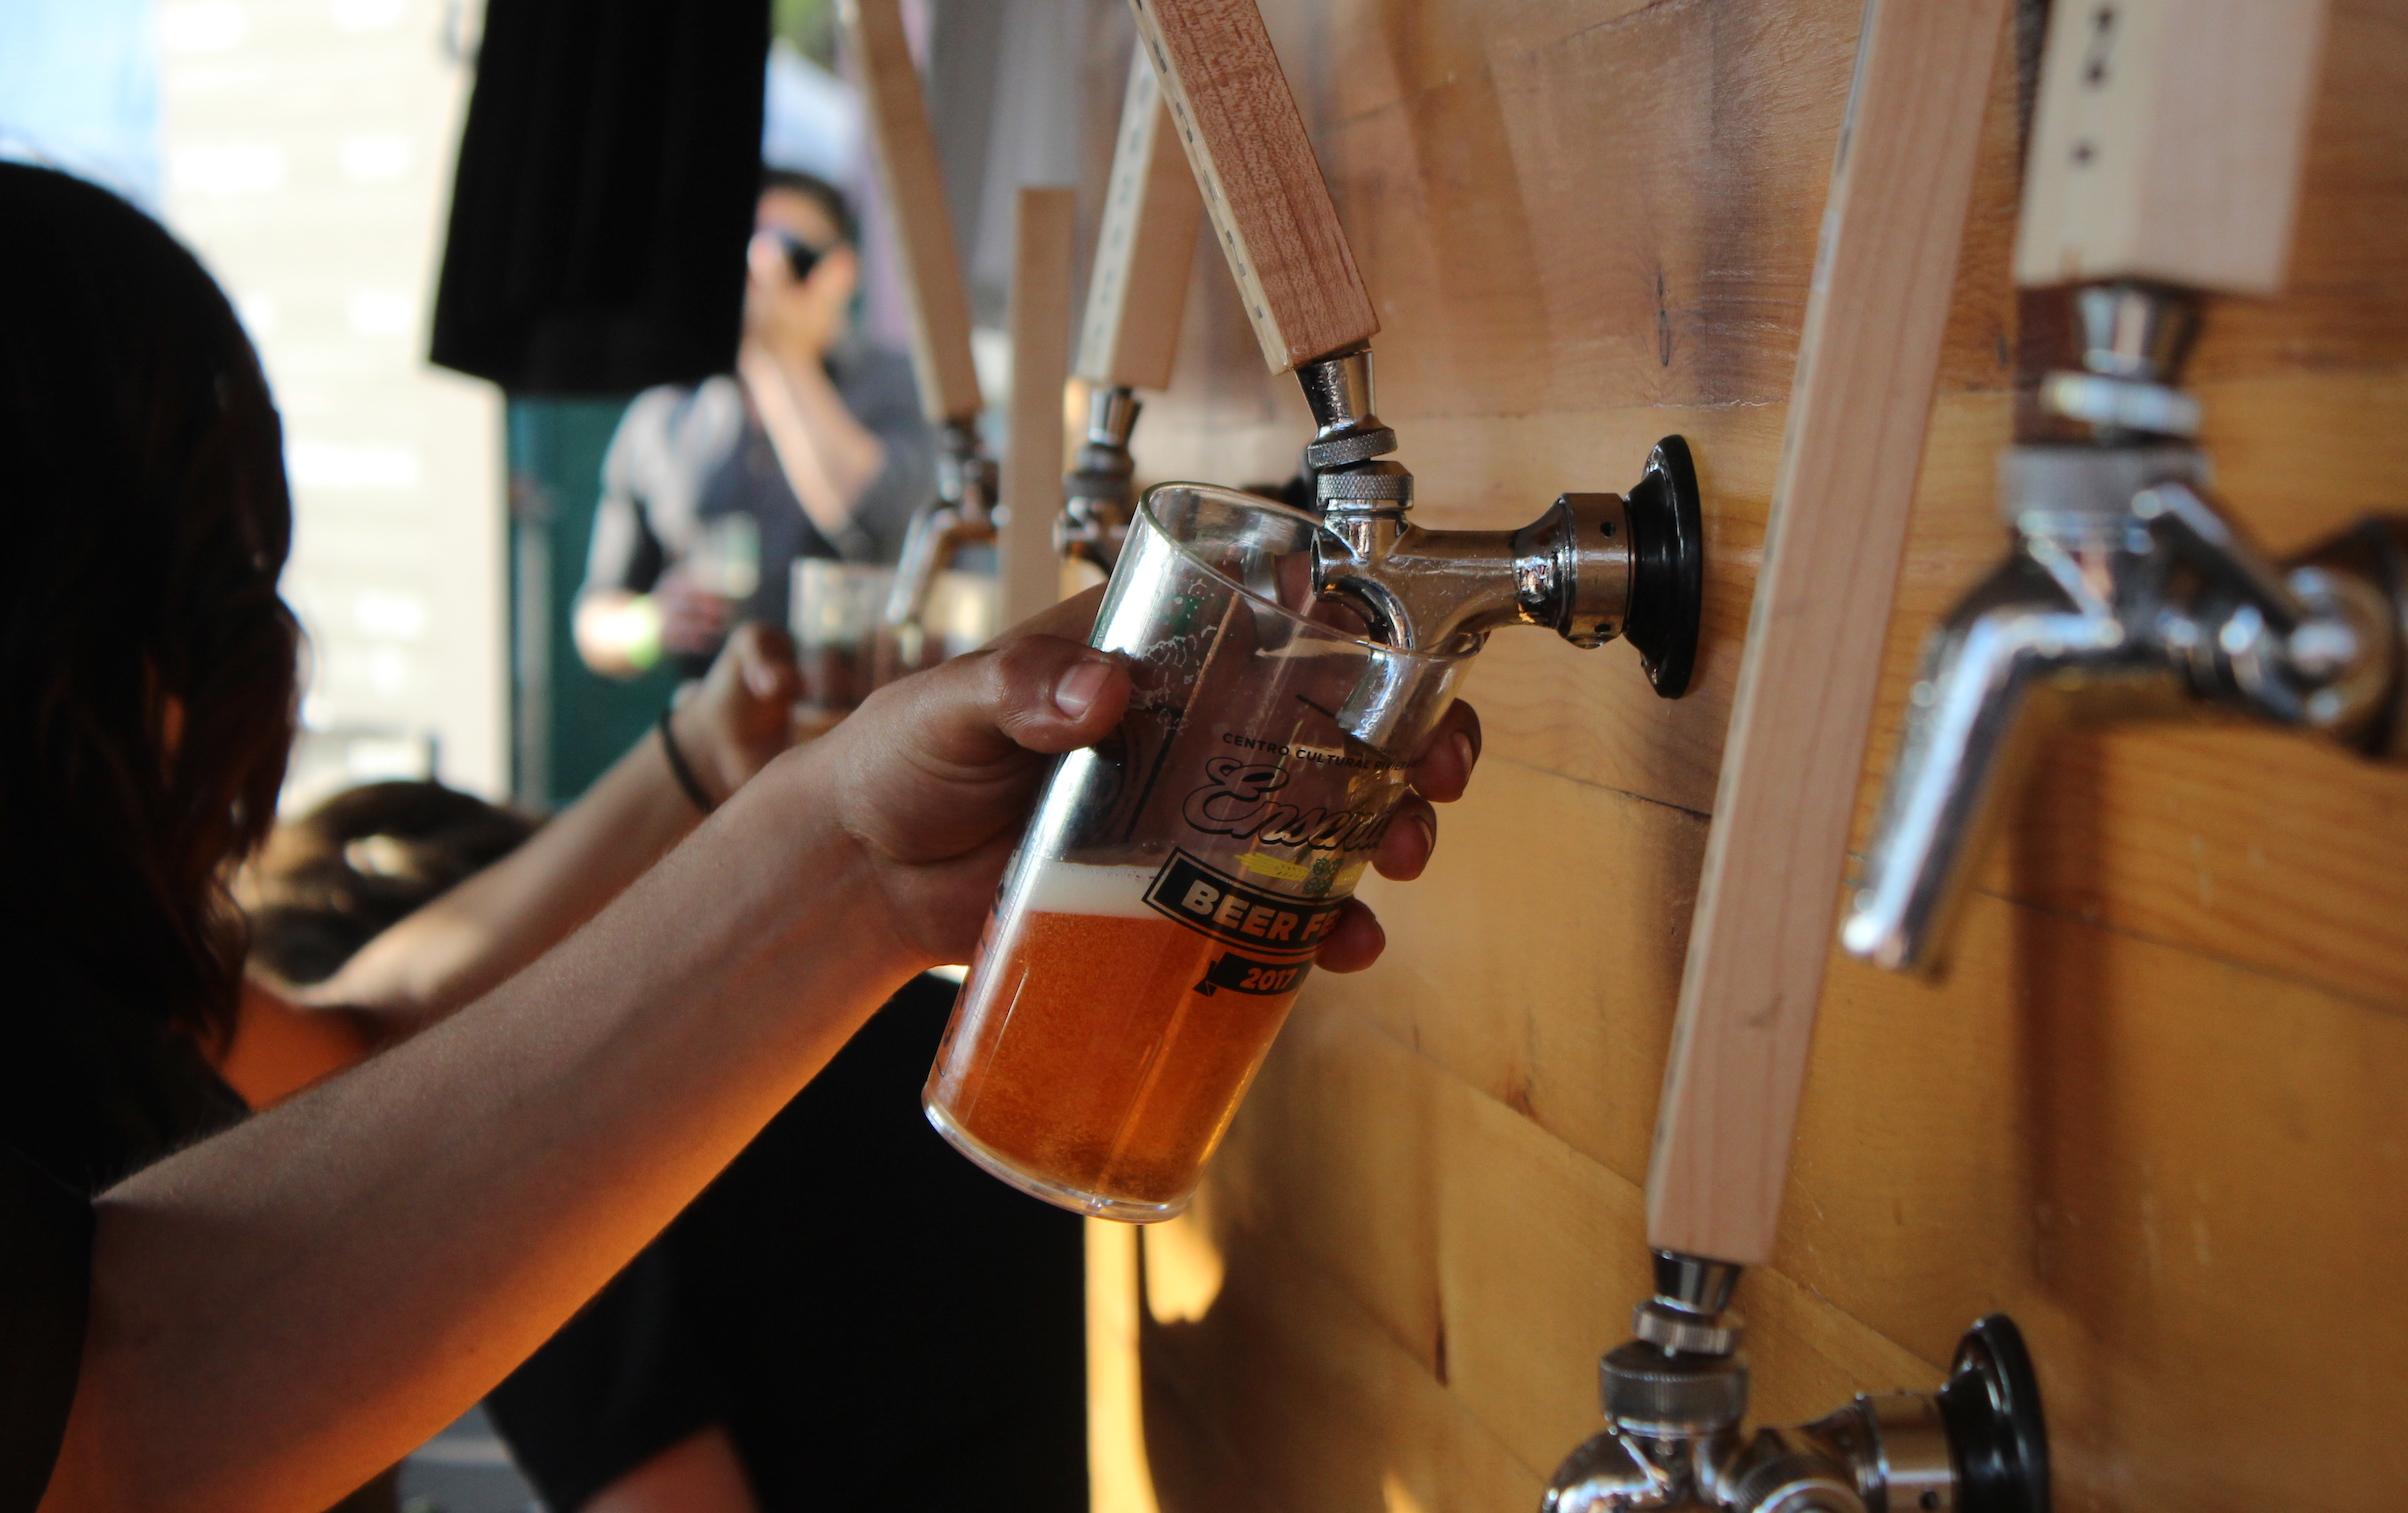 Aprende a identificar una cerveza artesanal mexicana